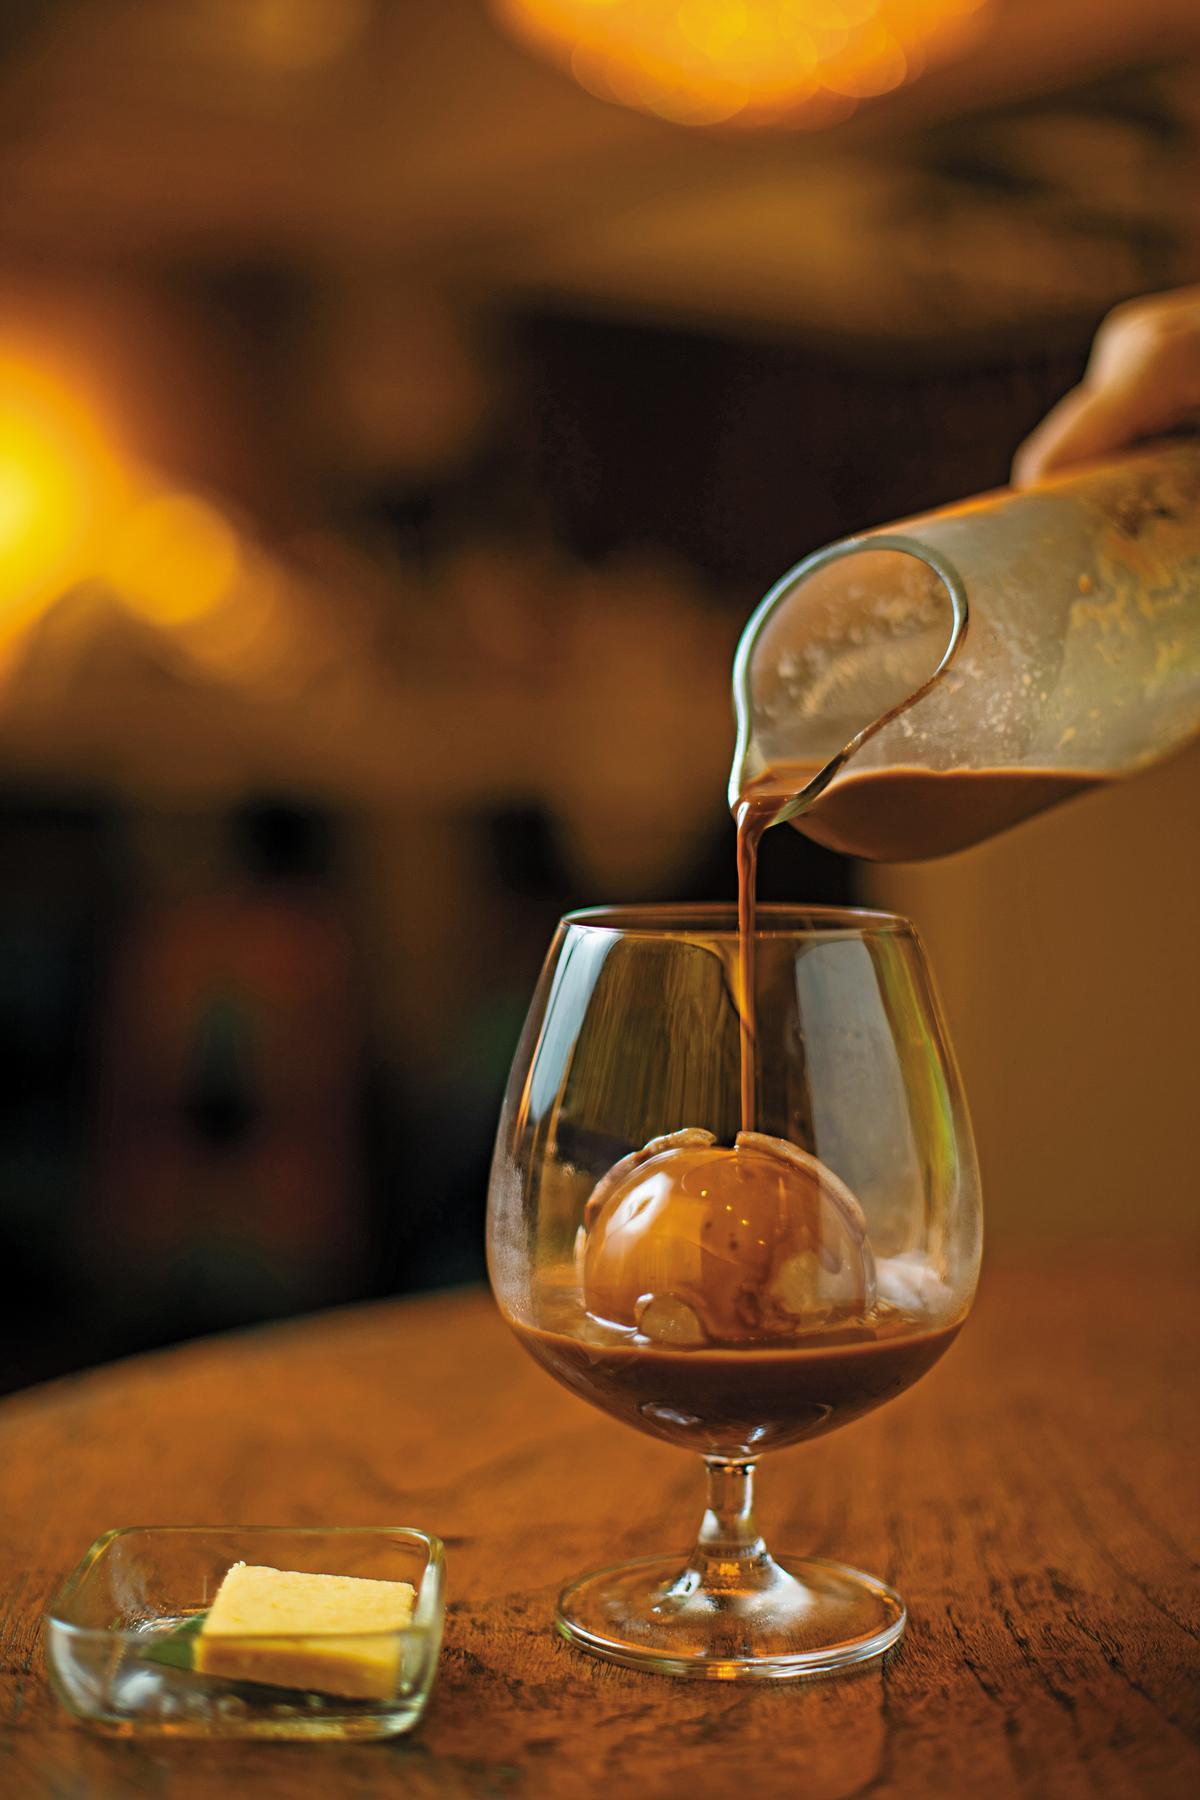 「煙燻冰巧克力」以紅酒杯裝,光是用看的就有點微醺感。(印尼盾46,000元/杯,約NT$104)